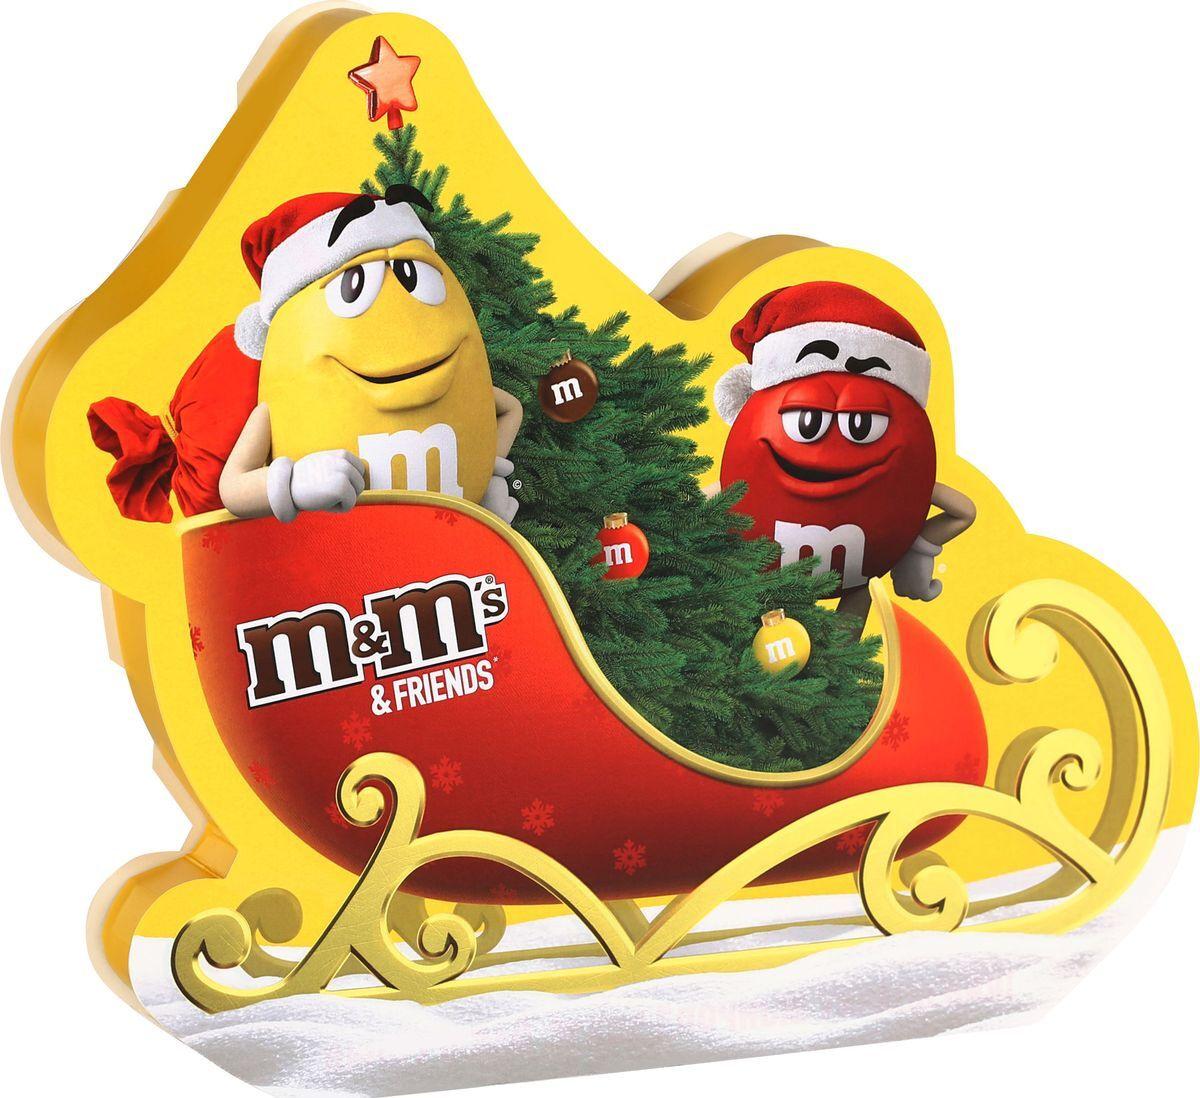 Конфеты M&M's Сани Подарочный набор шоколадный, 325 г #1